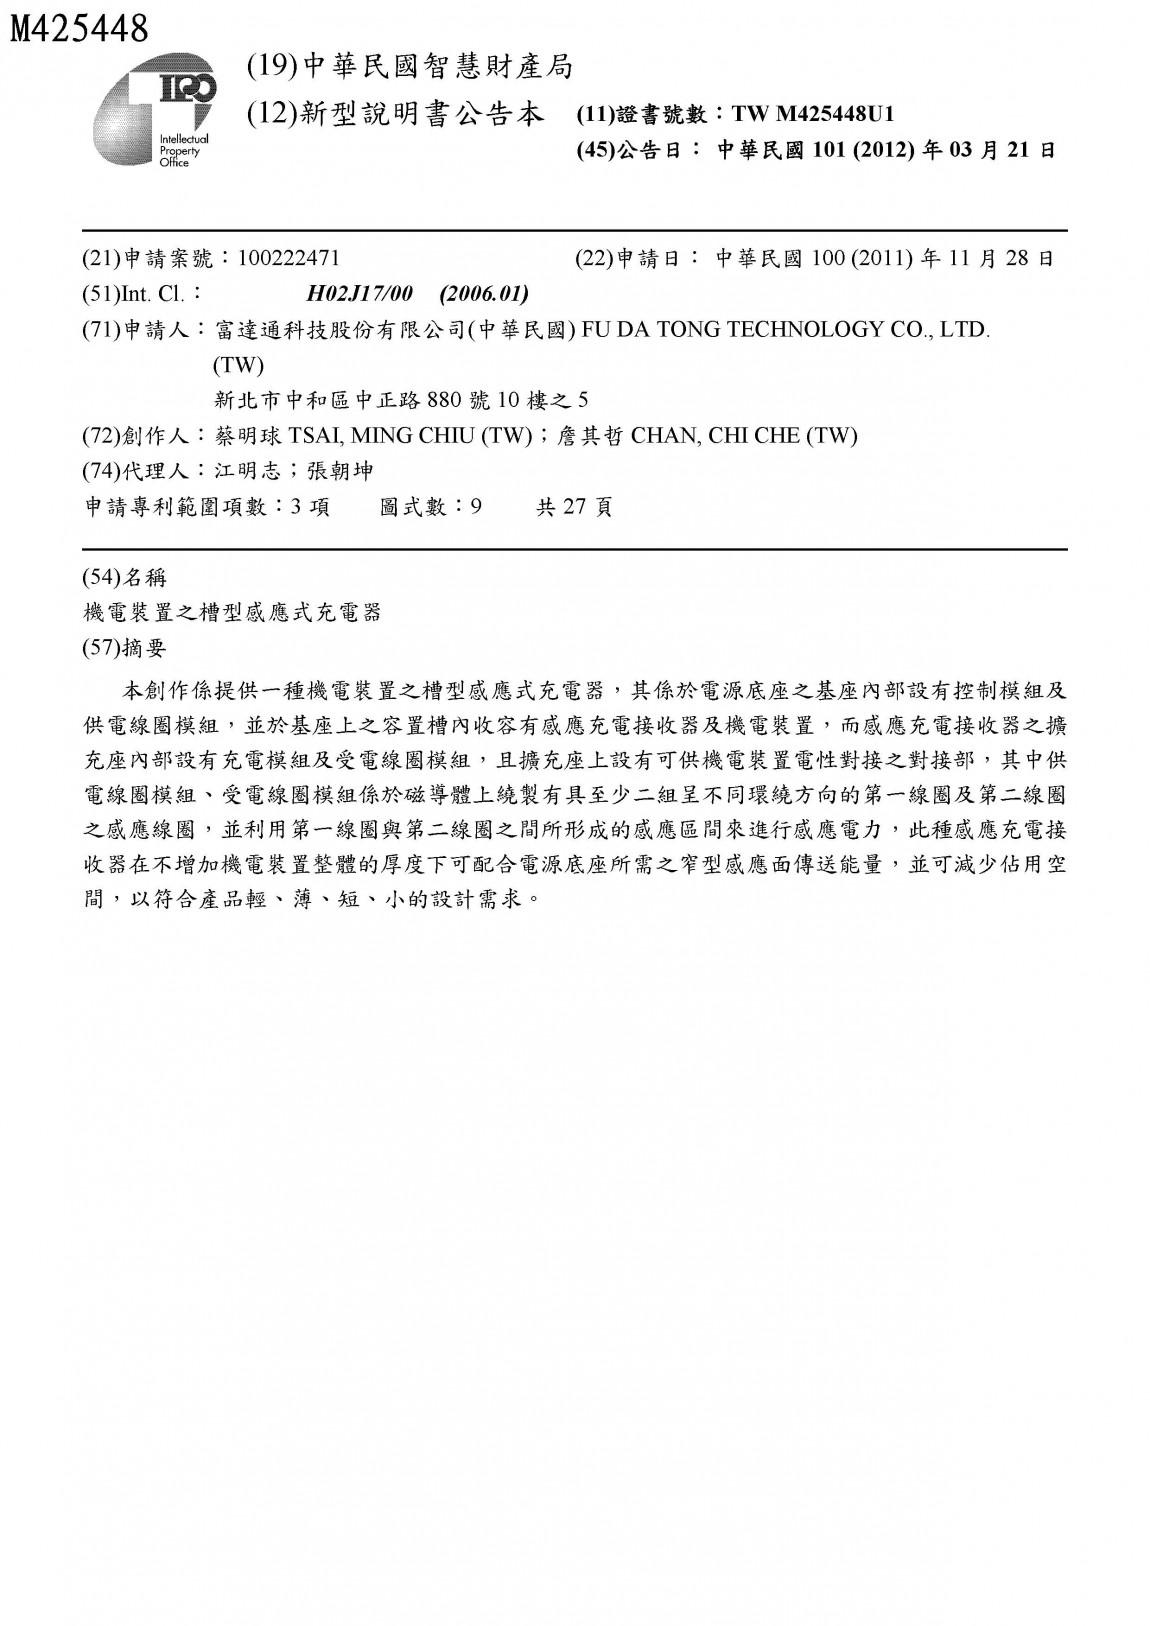 富達通專利15-機電裝置之槽型感應式充電器(台灣)M425448